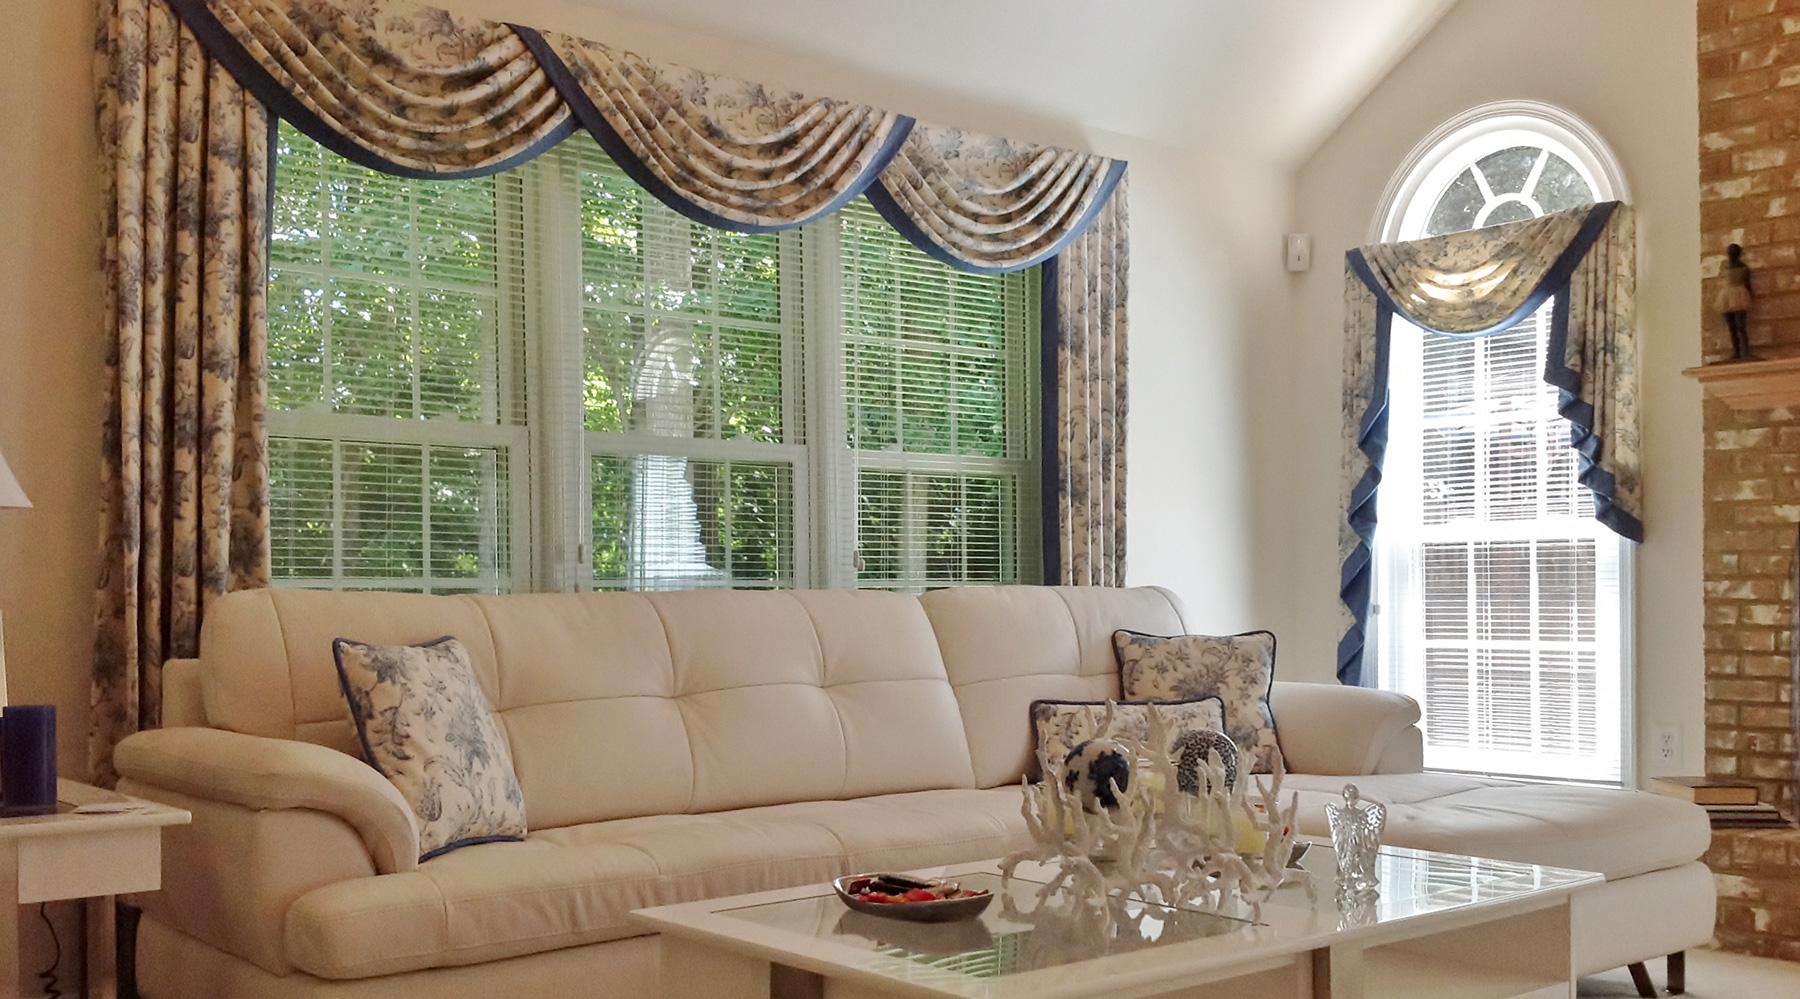 Curtain Designs In Sri Lanka | Review Home Decor